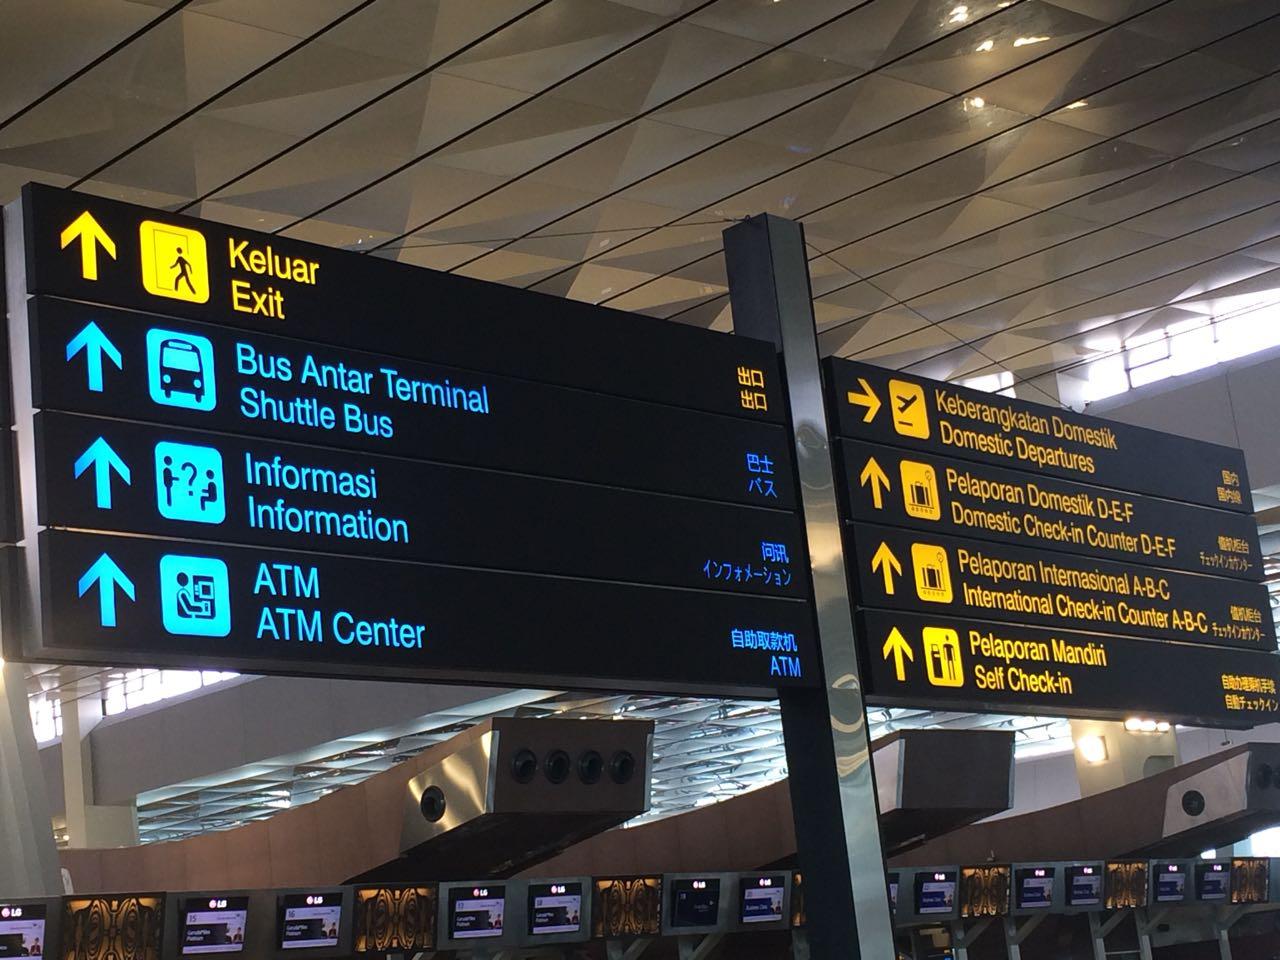 https: img-k.okeinfo.net content 2019 11 15 320 2130531 pemenang-lelang-proyek-bandara-komodo-diumumkan-akhir-november-zT11s8dlwH.jpg